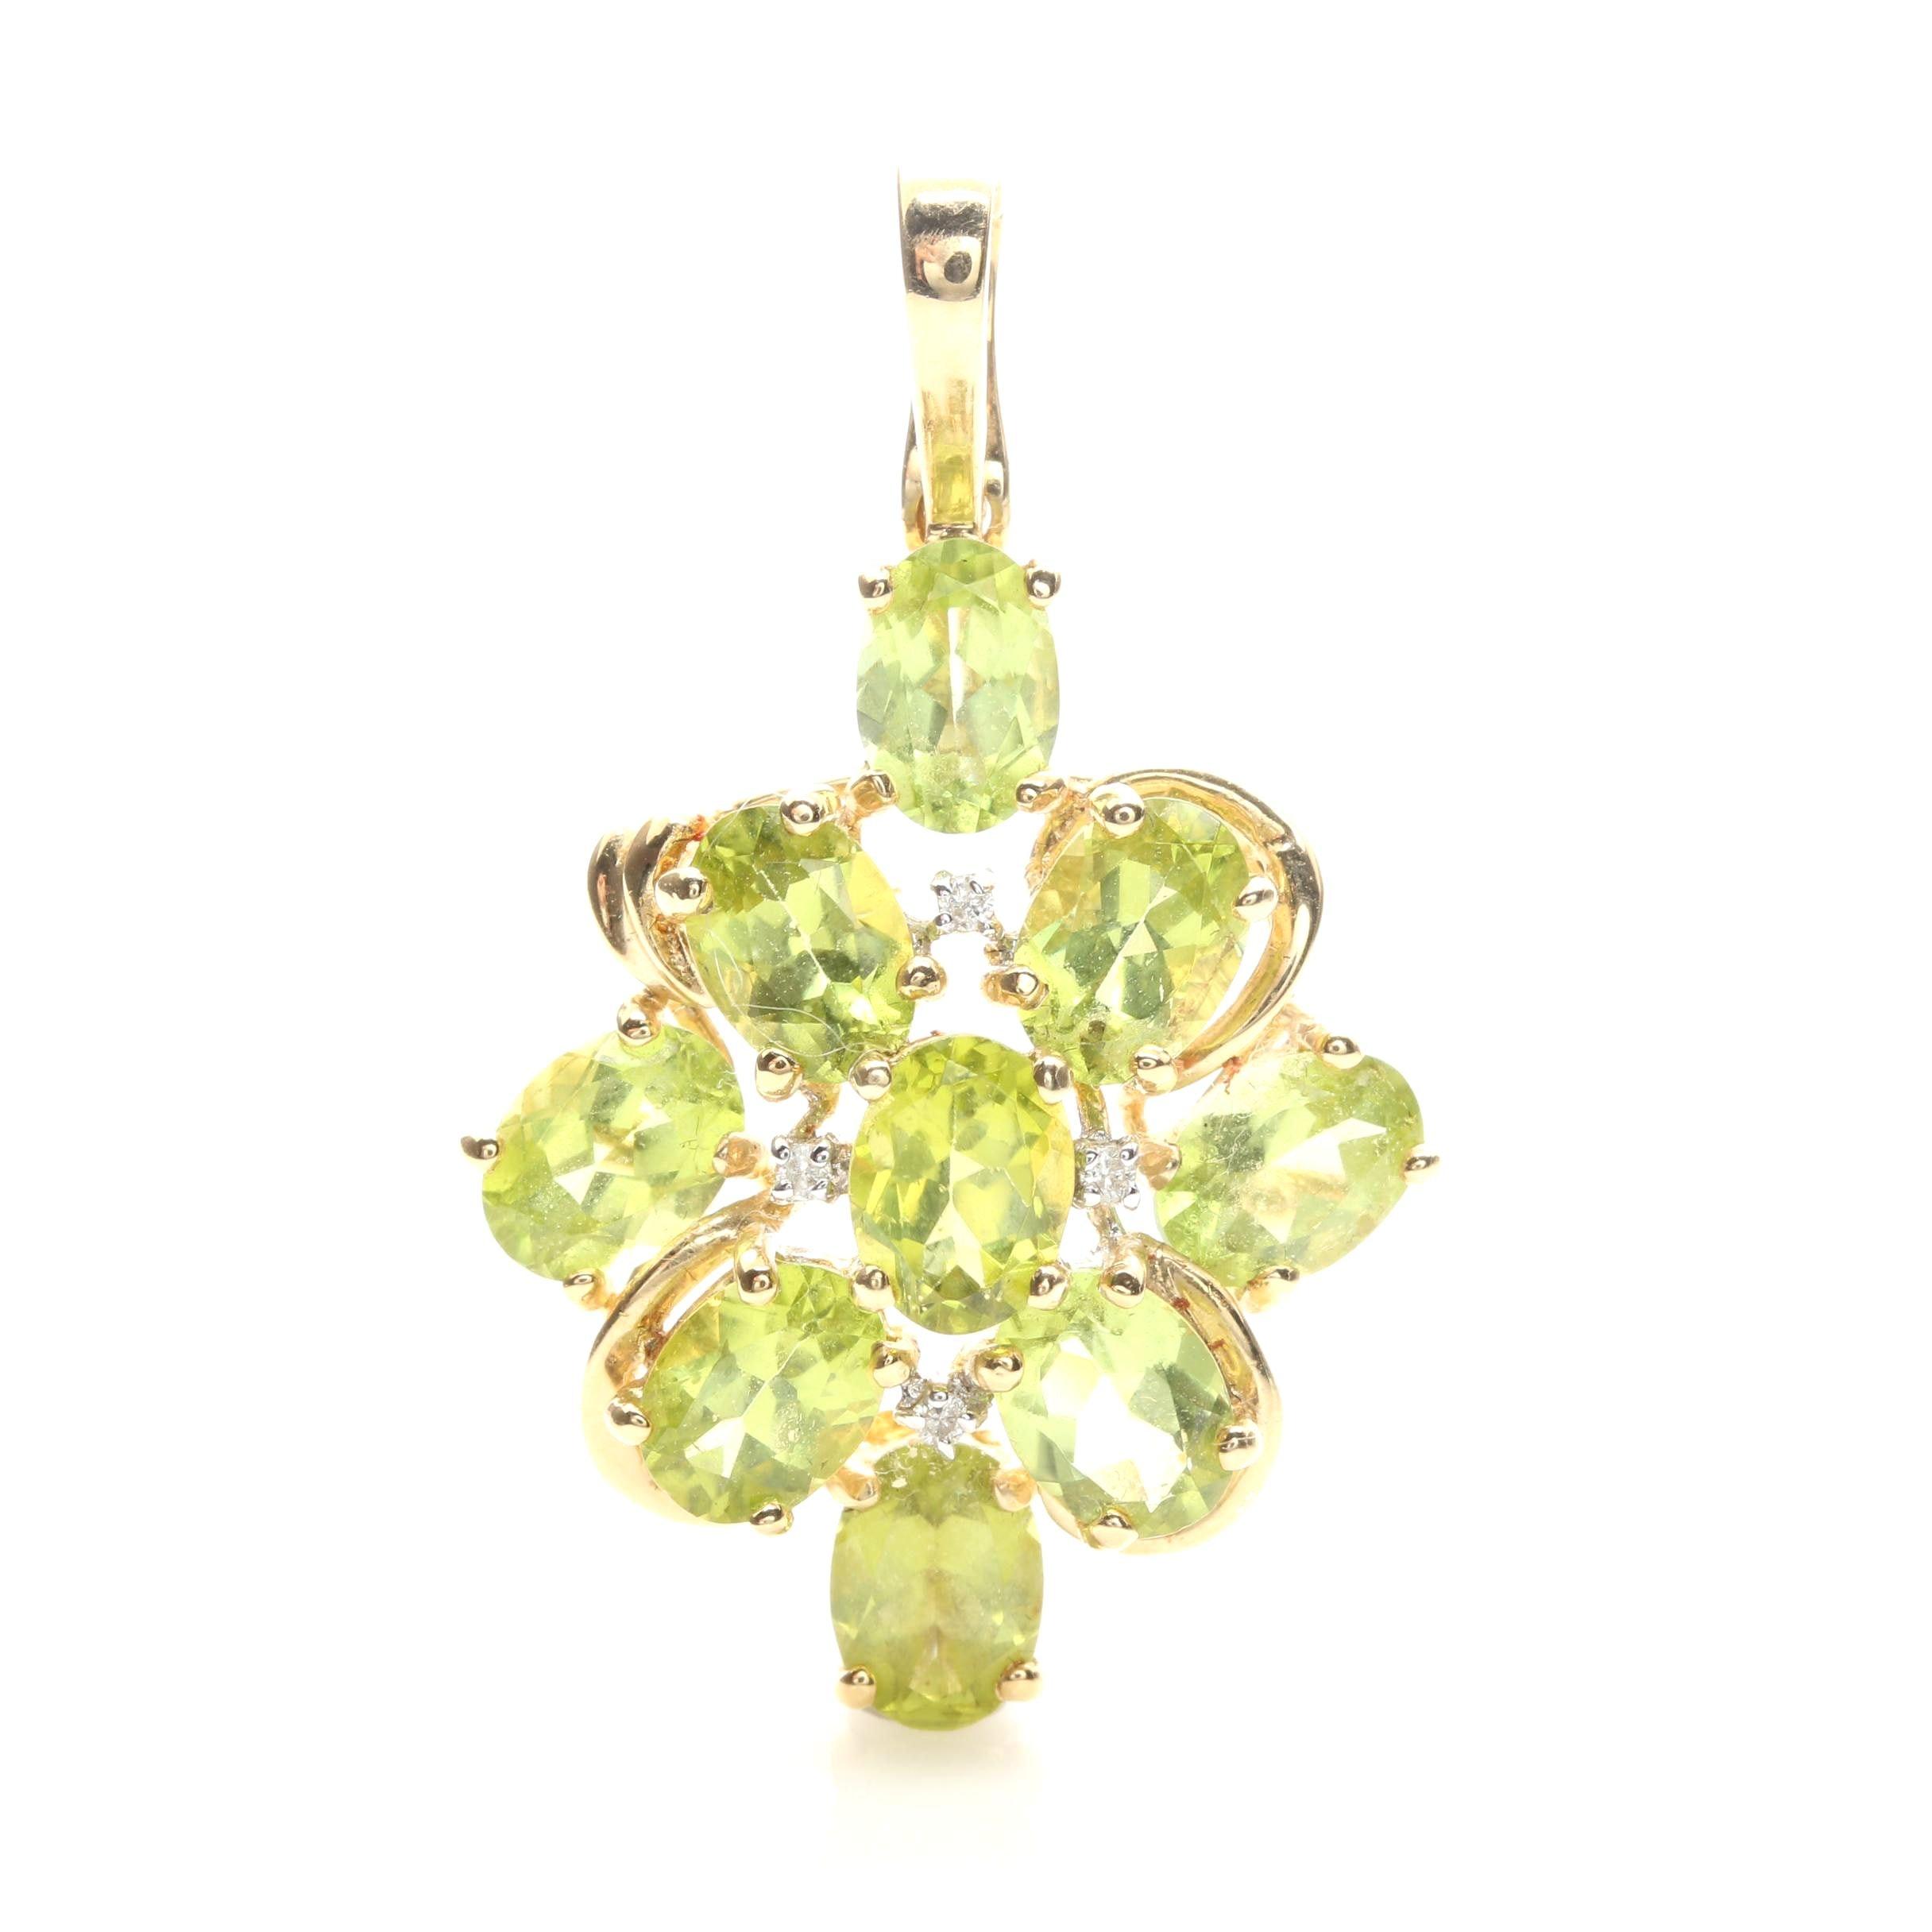 14K Yellow Gold Peridot and Diamond Cluster Pendant